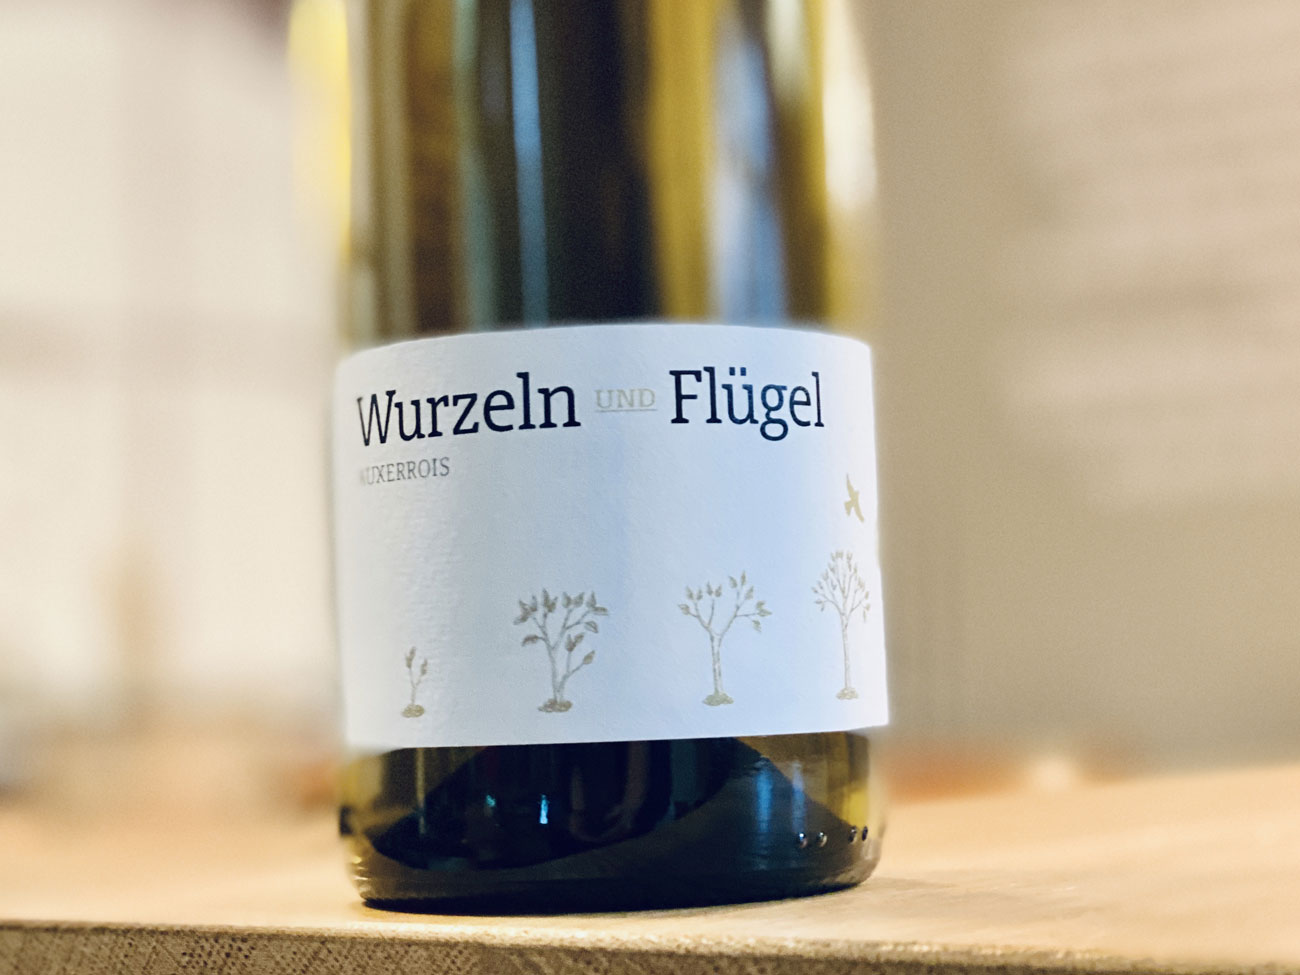 """""""Wurzeln und Flügel"""", Auxerrois Weingut Klumpp"""